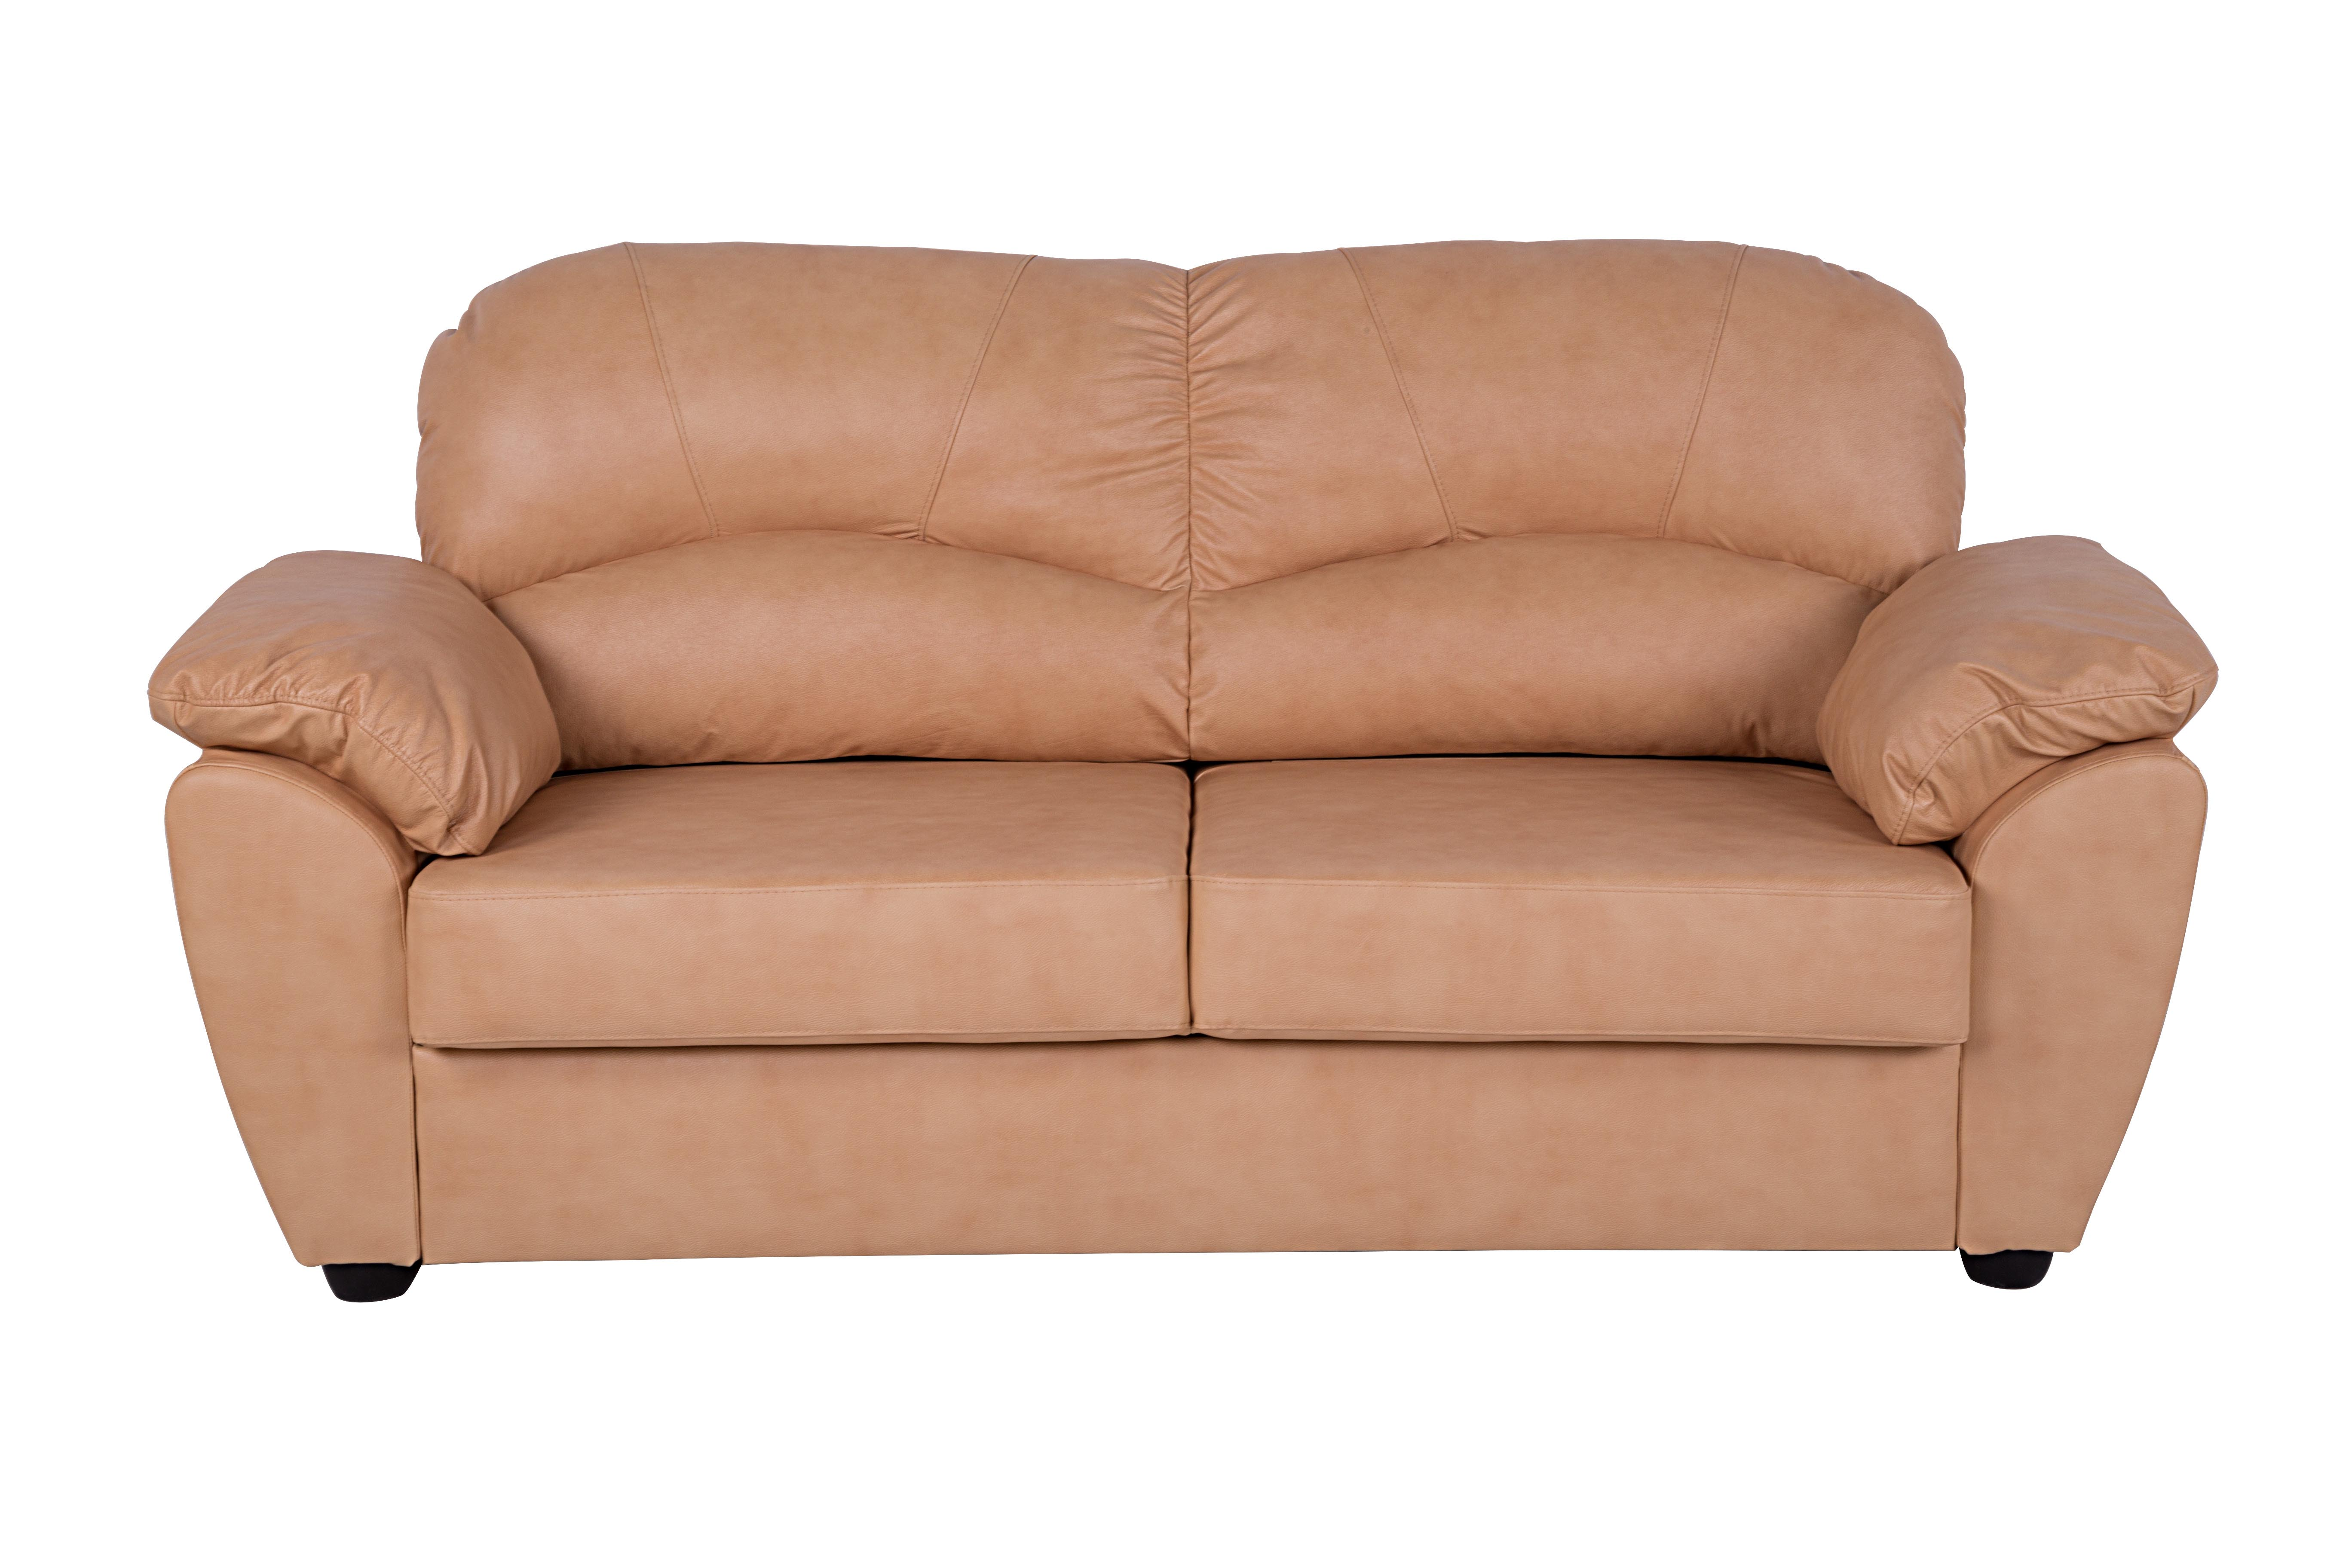 Раскладной диван ЭвитаКожаные диваны<br>Модель «Эвита» — находка для тех, кто любит коротать время на мягком диване или в уютном кресле с чашкой кофе в руках.<br>Благодаря современному дизайну, мягким формам, а также отсутствию обязывающего декора, эта модель прекрасно впишется практически в любой интерьер.<br><br>Material: Кожа<br>Width см: 201<br>Depth см: 95<br>Height см: 93